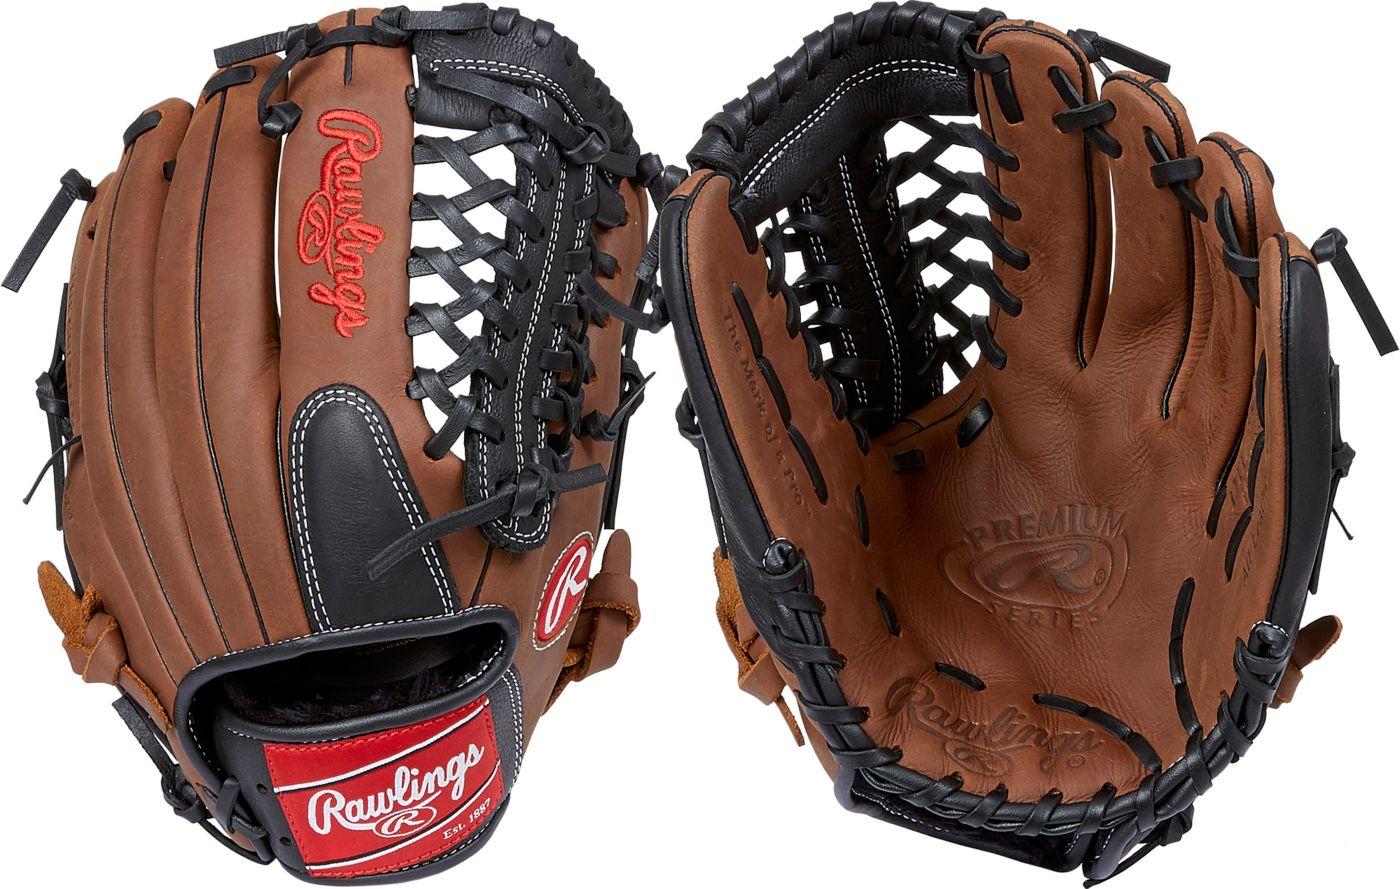 Rawlings 11.75'' Premium Series Glove